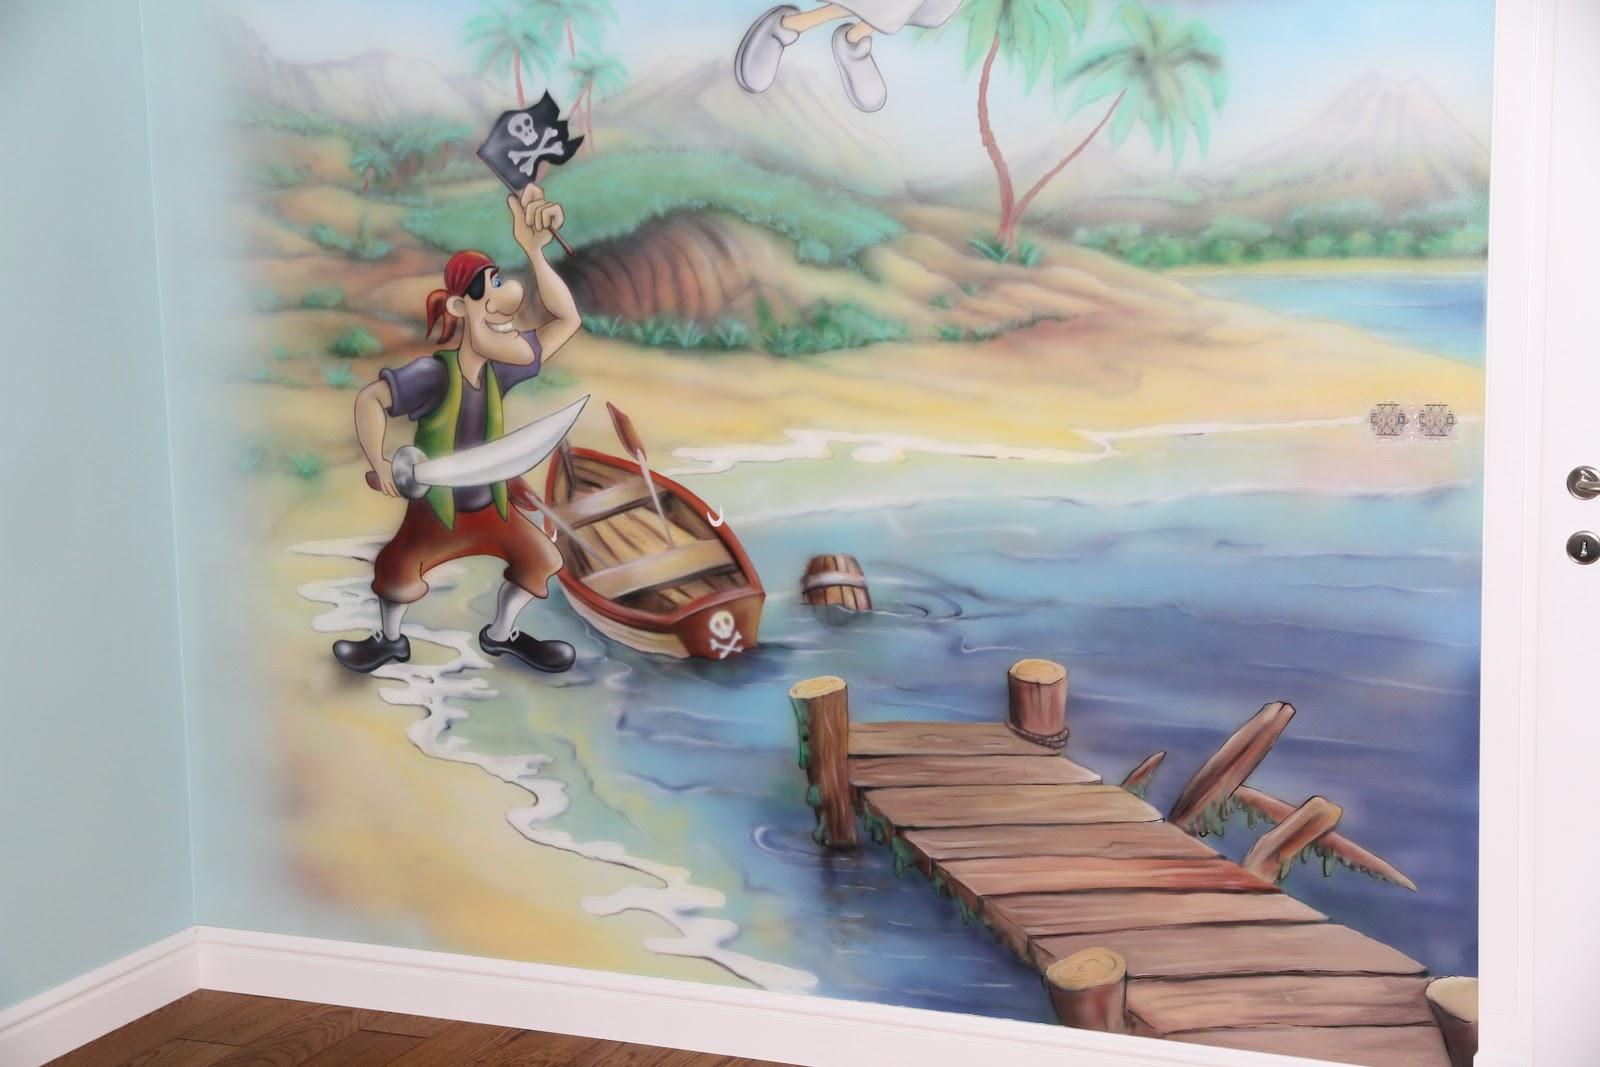 artystyczne malowanie bajki na ścianie w pokoju chłopca. Piotruś Pan,Warszawa